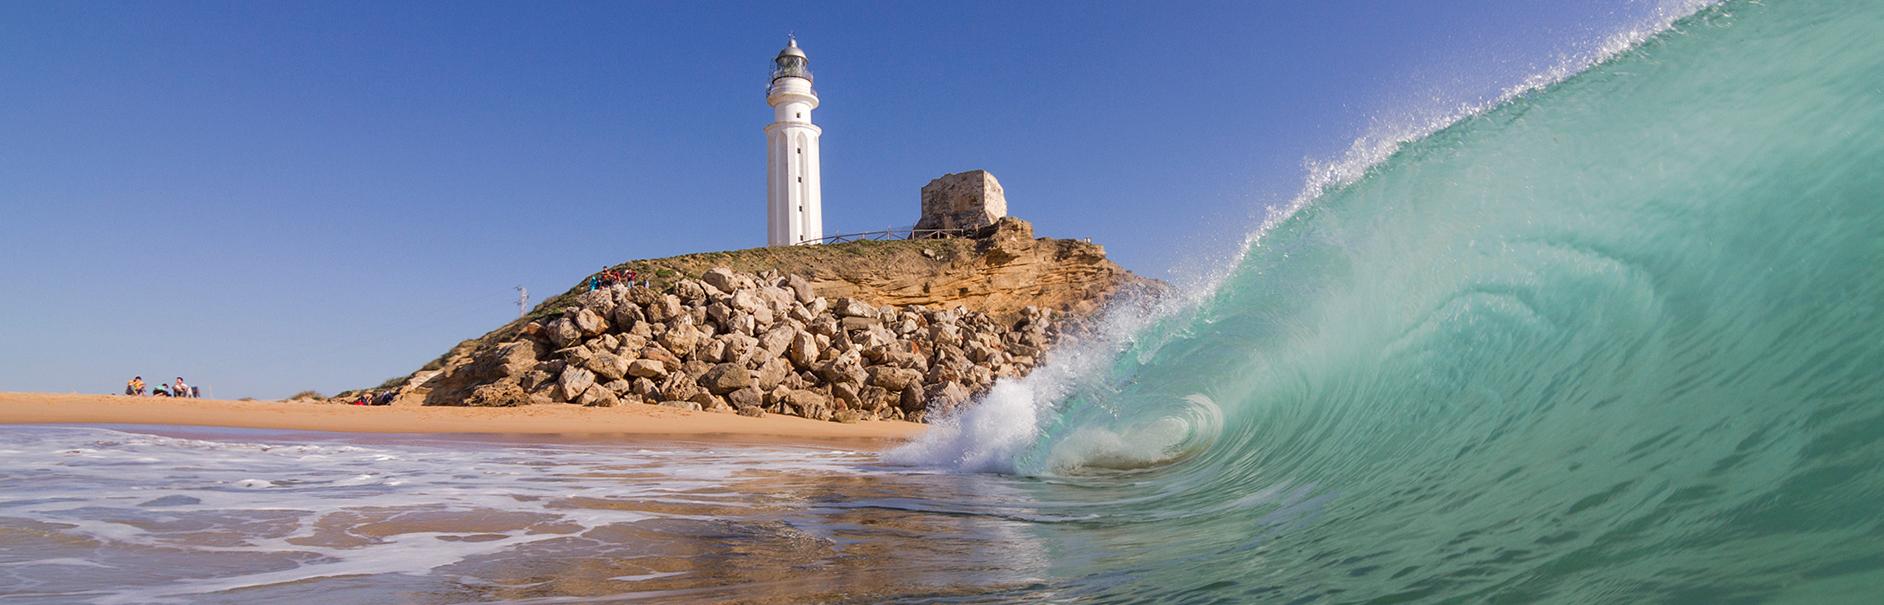 ruta-sur-surf